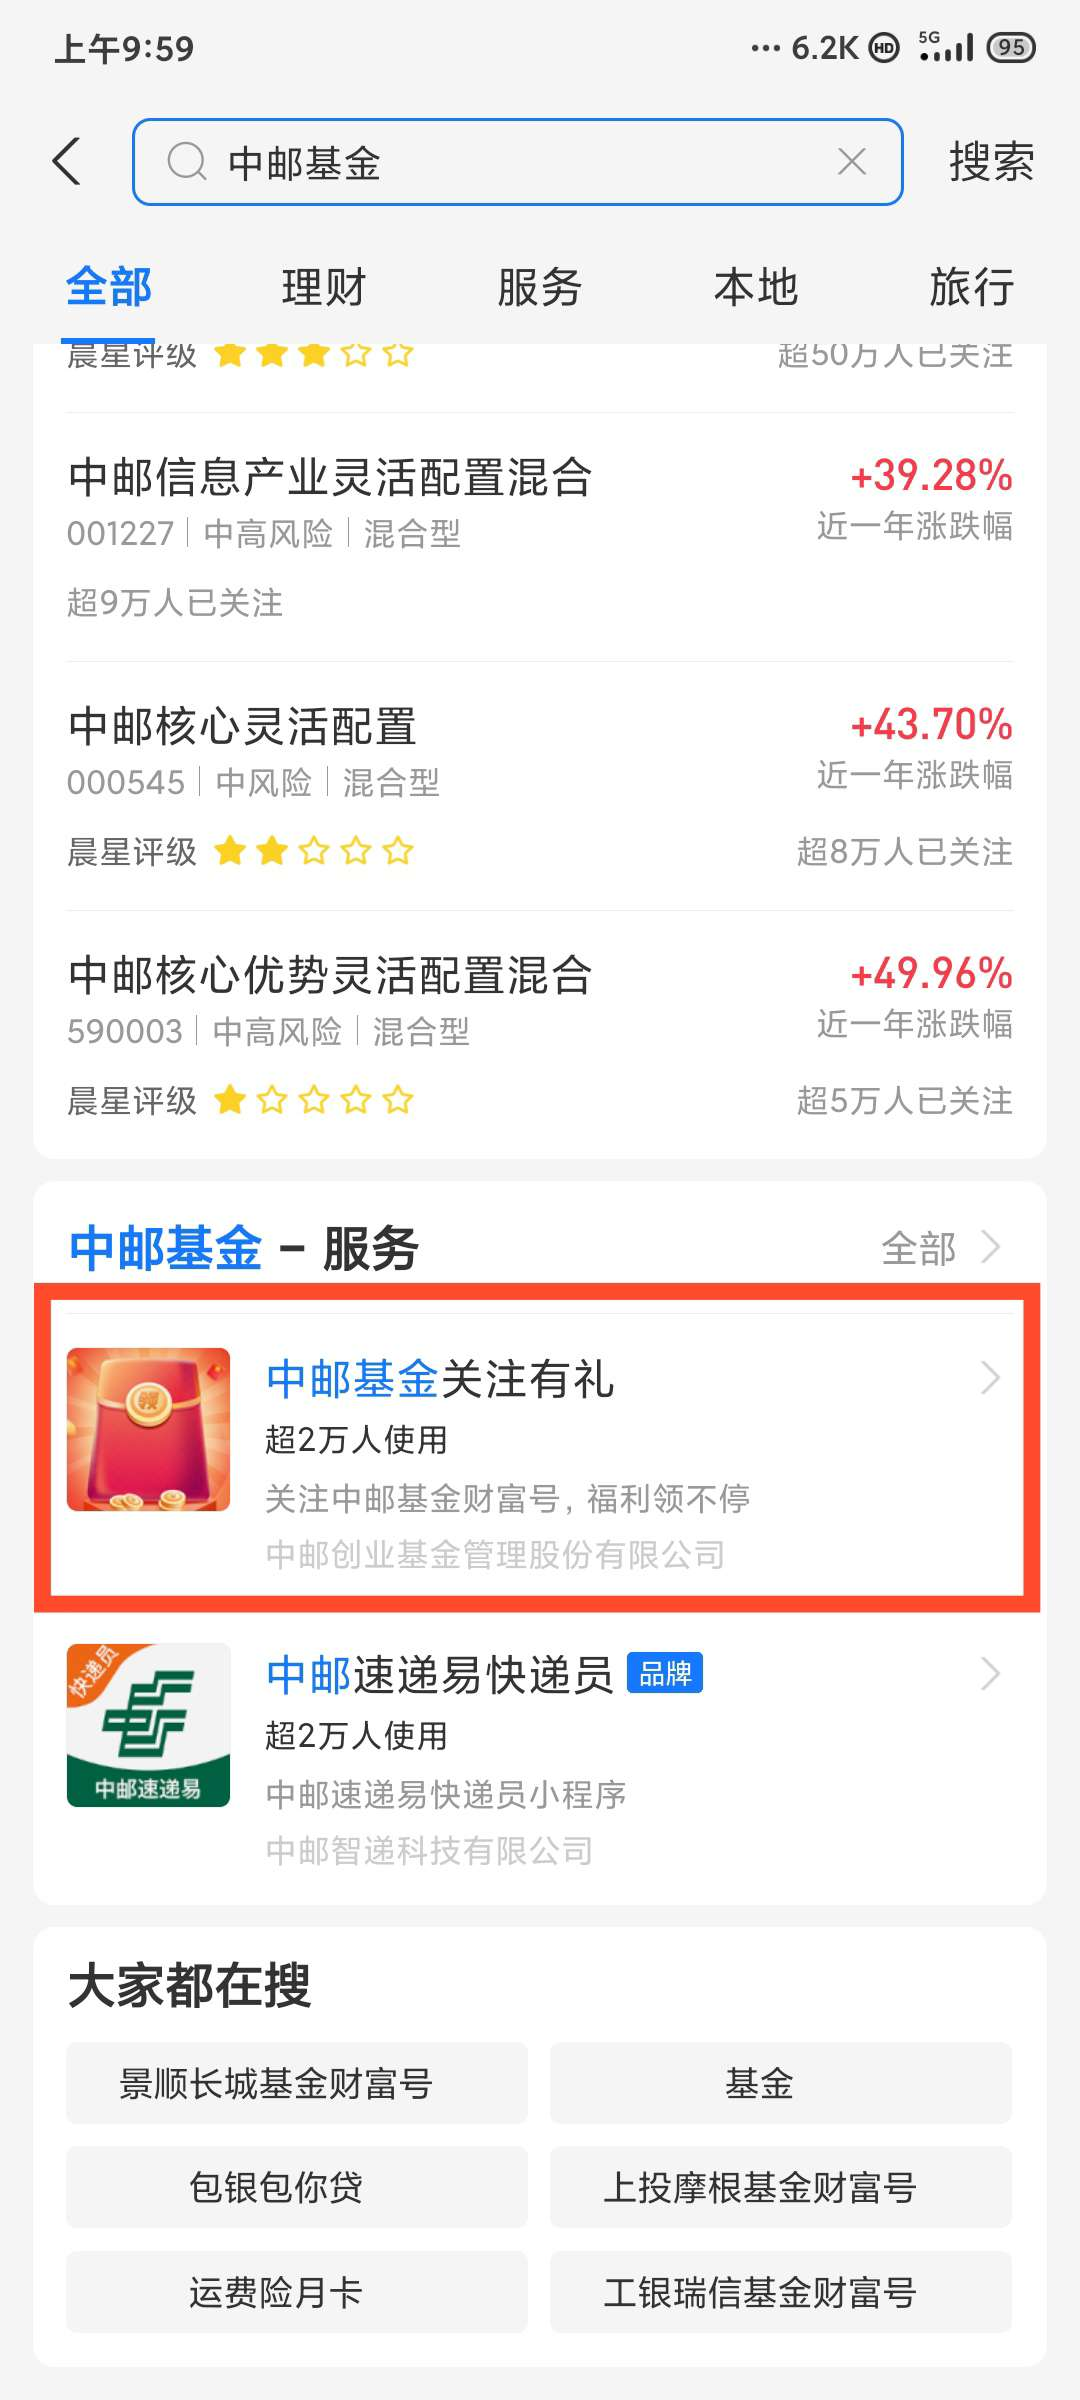 图片[1]-支付宝中邮基金领现金红包-老友薅羊毛活动线报网